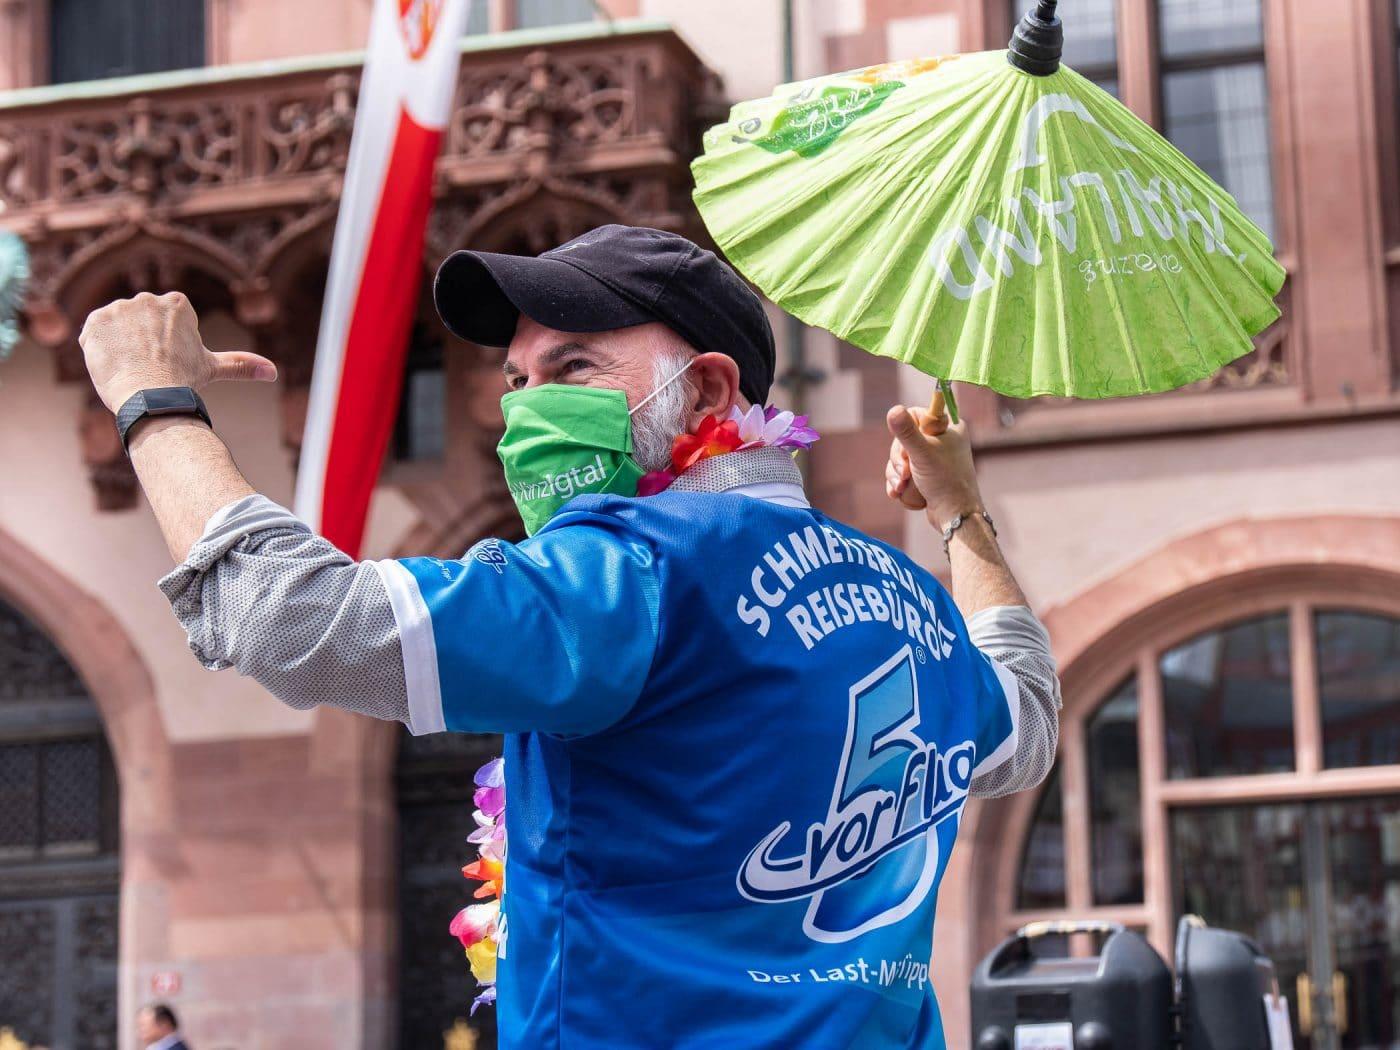 Pressefotos Touristik Braune 0005